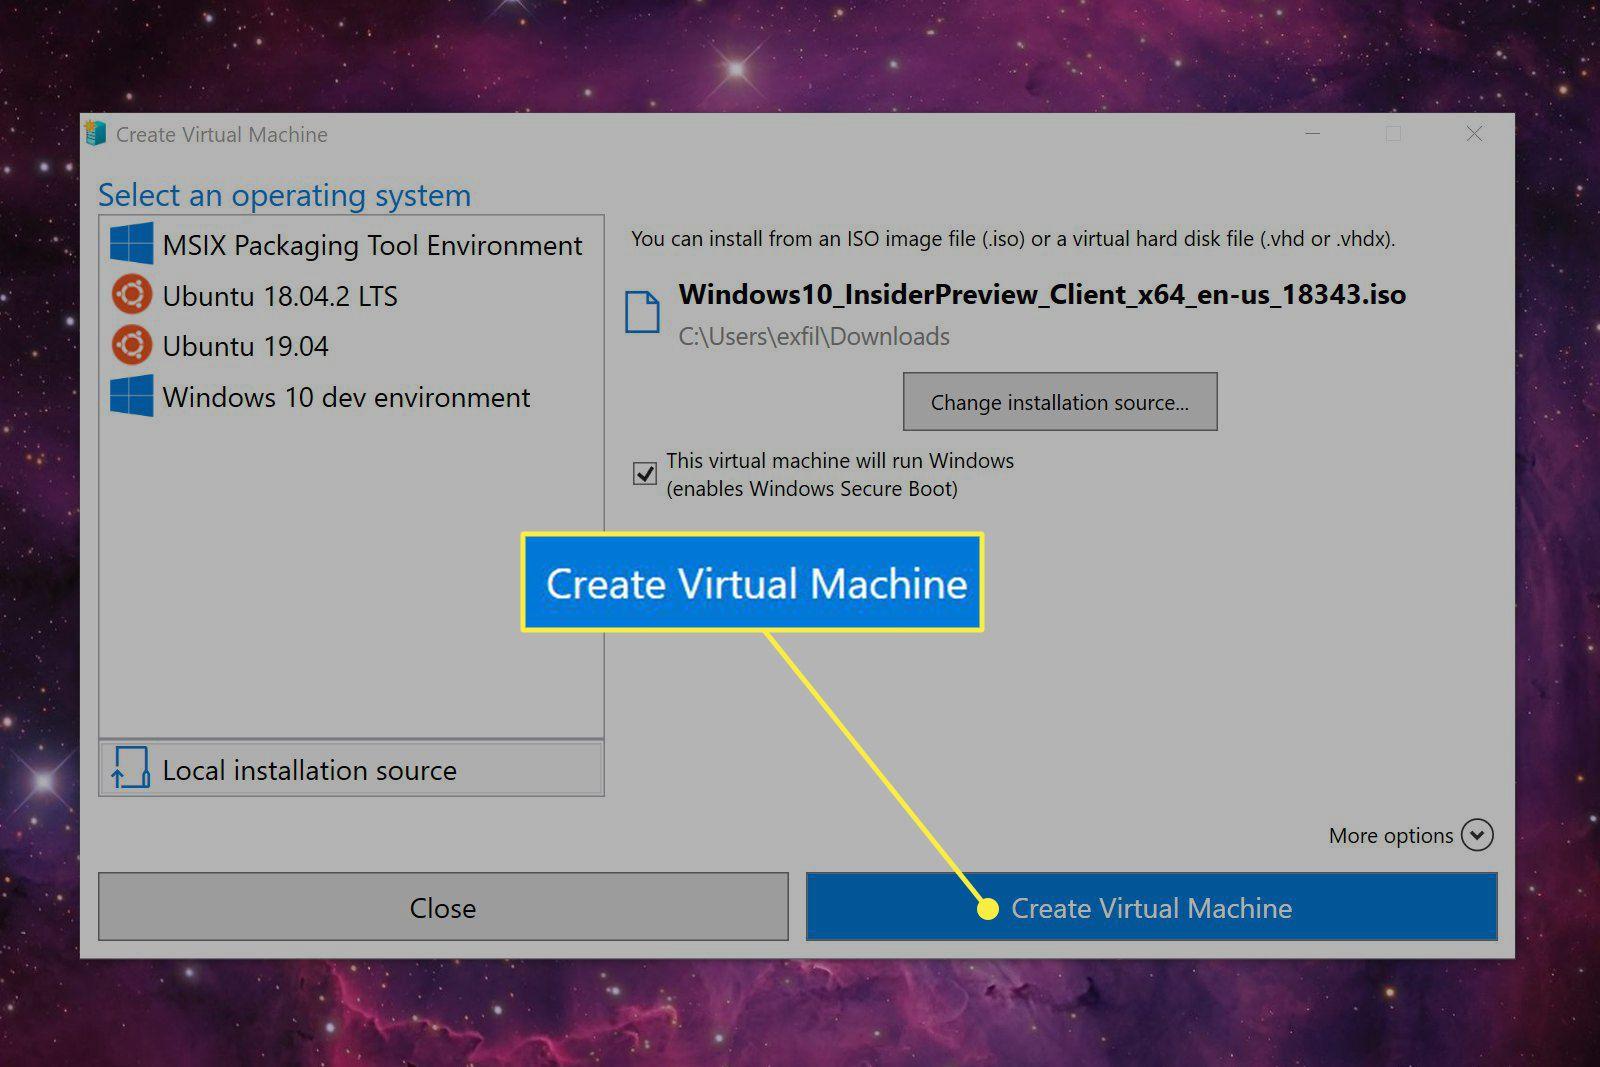 The Create Virtual Machine button